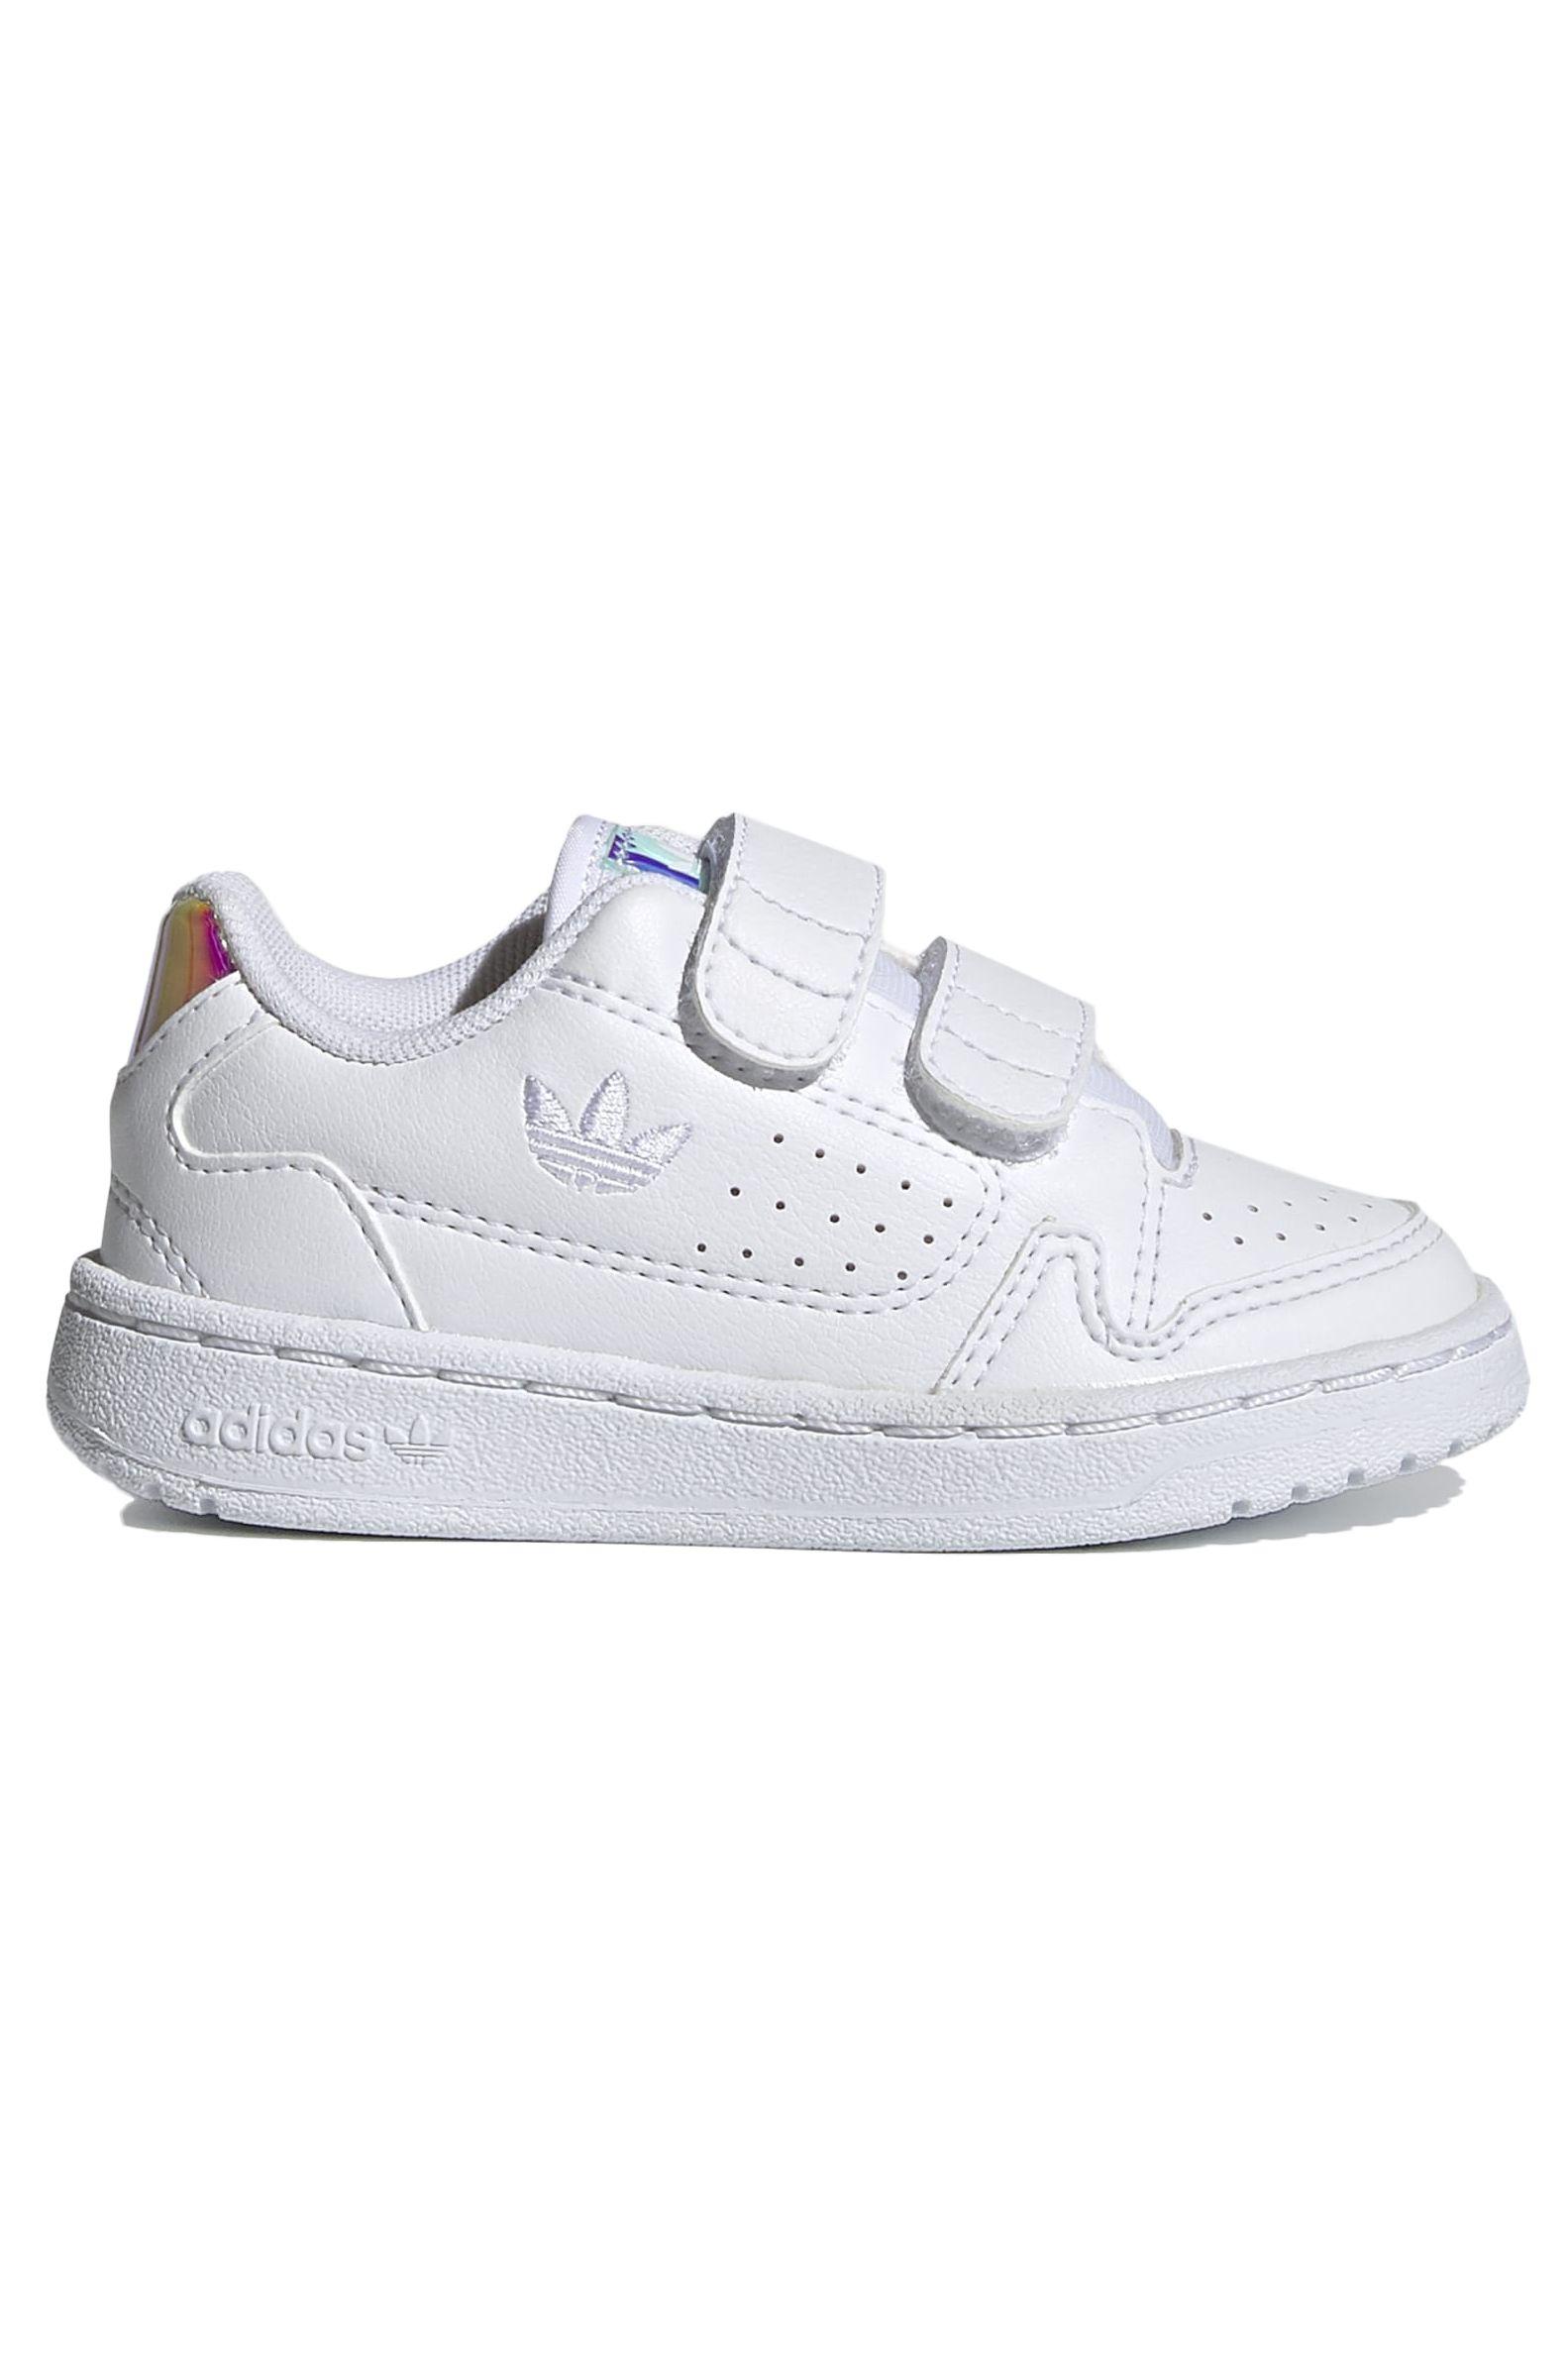 Tenis Adidas NY 90 CF I Ftwrwhite